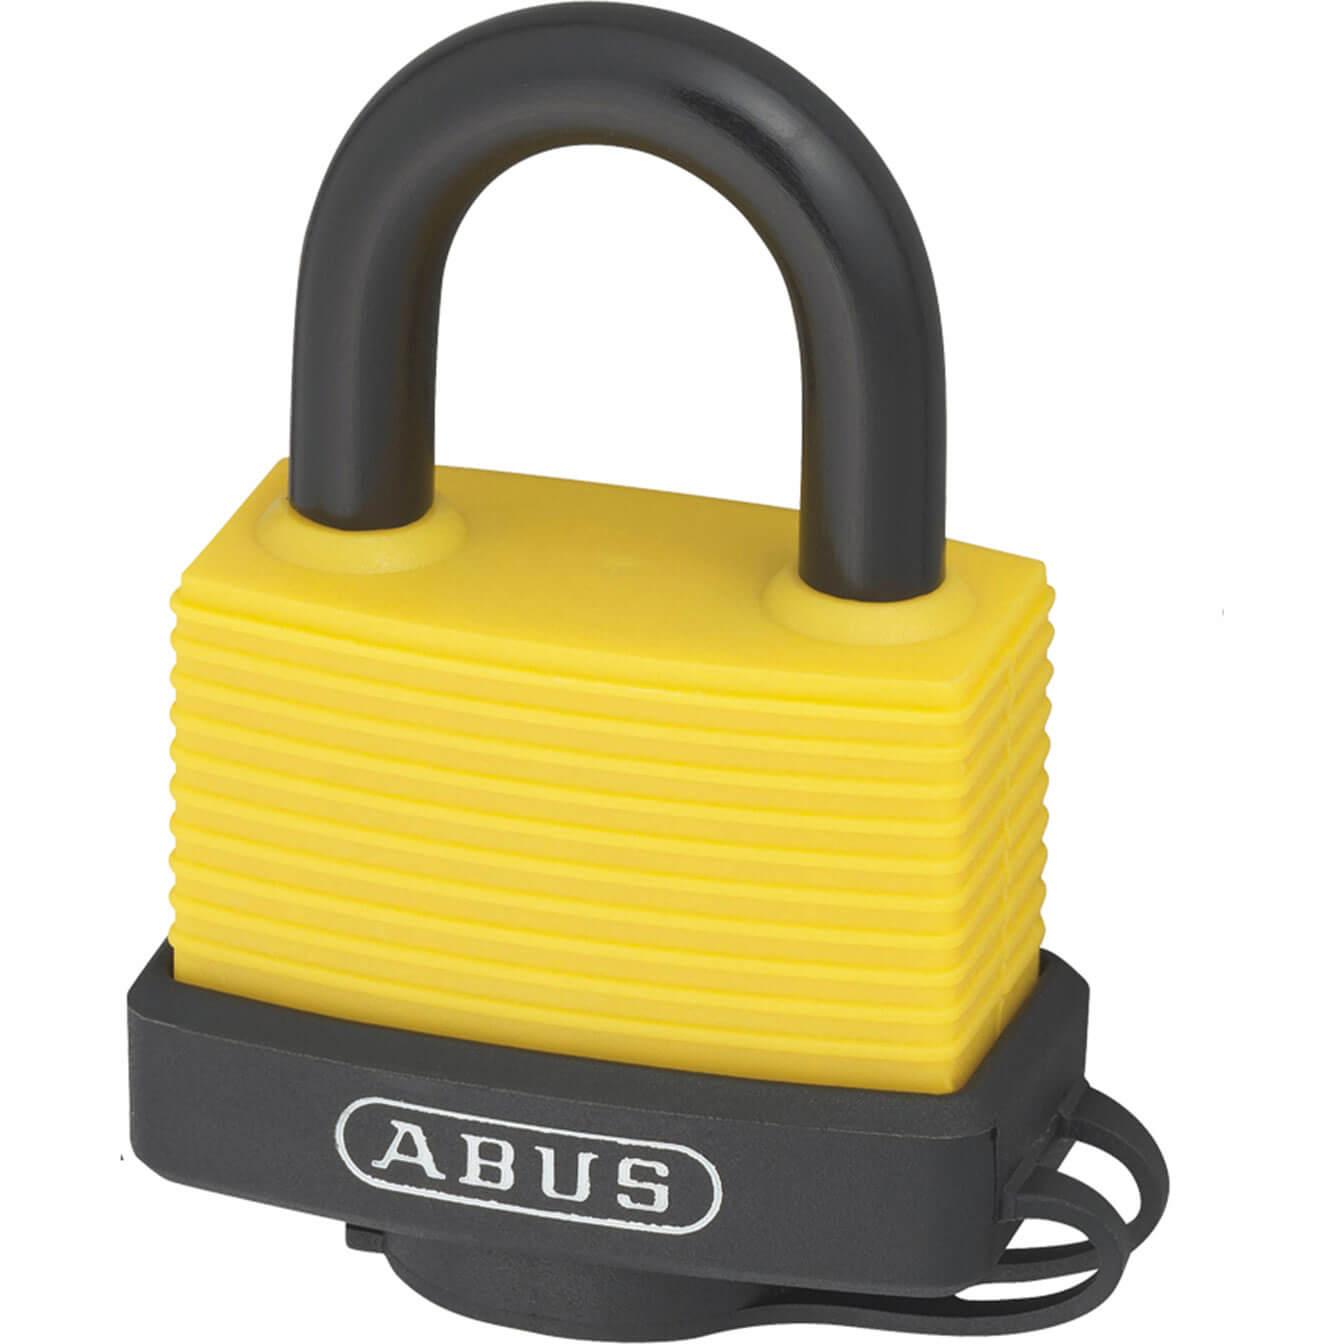 Abus 70al Series Aluminium Padlock 45mm Yellow Standard